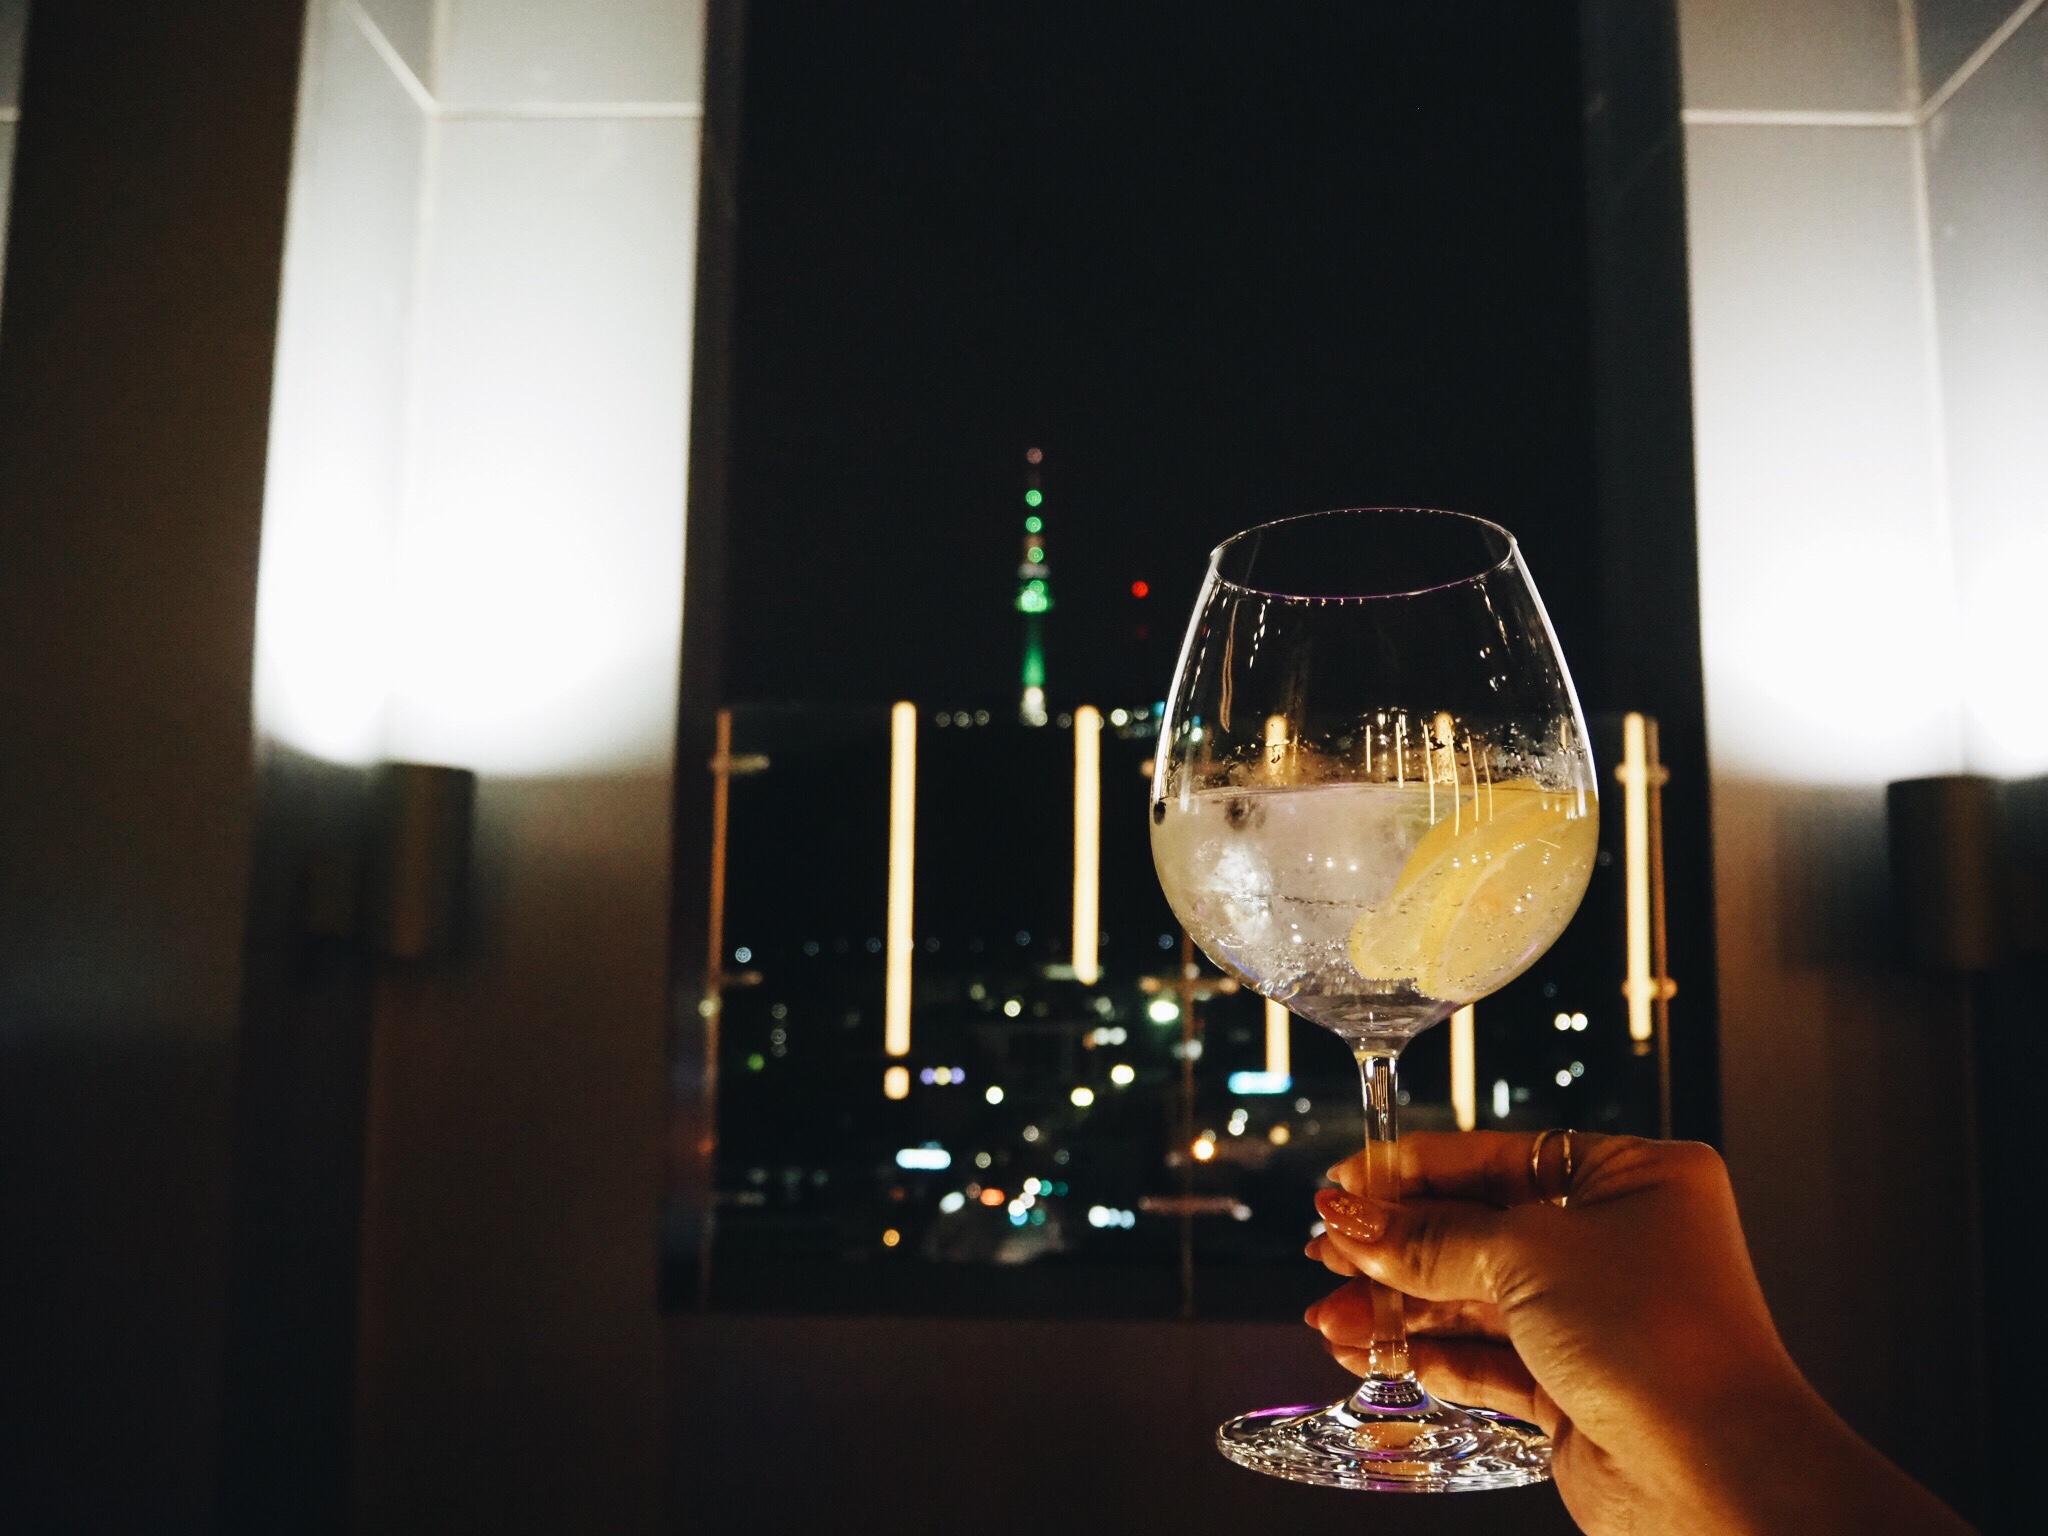 63780aa9 d2d9 49d5 8e39 cde0a12da392 1 - L7 HOTELS - どこを切り取ってもフォトジェニック!韓国ソウルに新しくオープンしたロッテグループのデザイナーズホテル